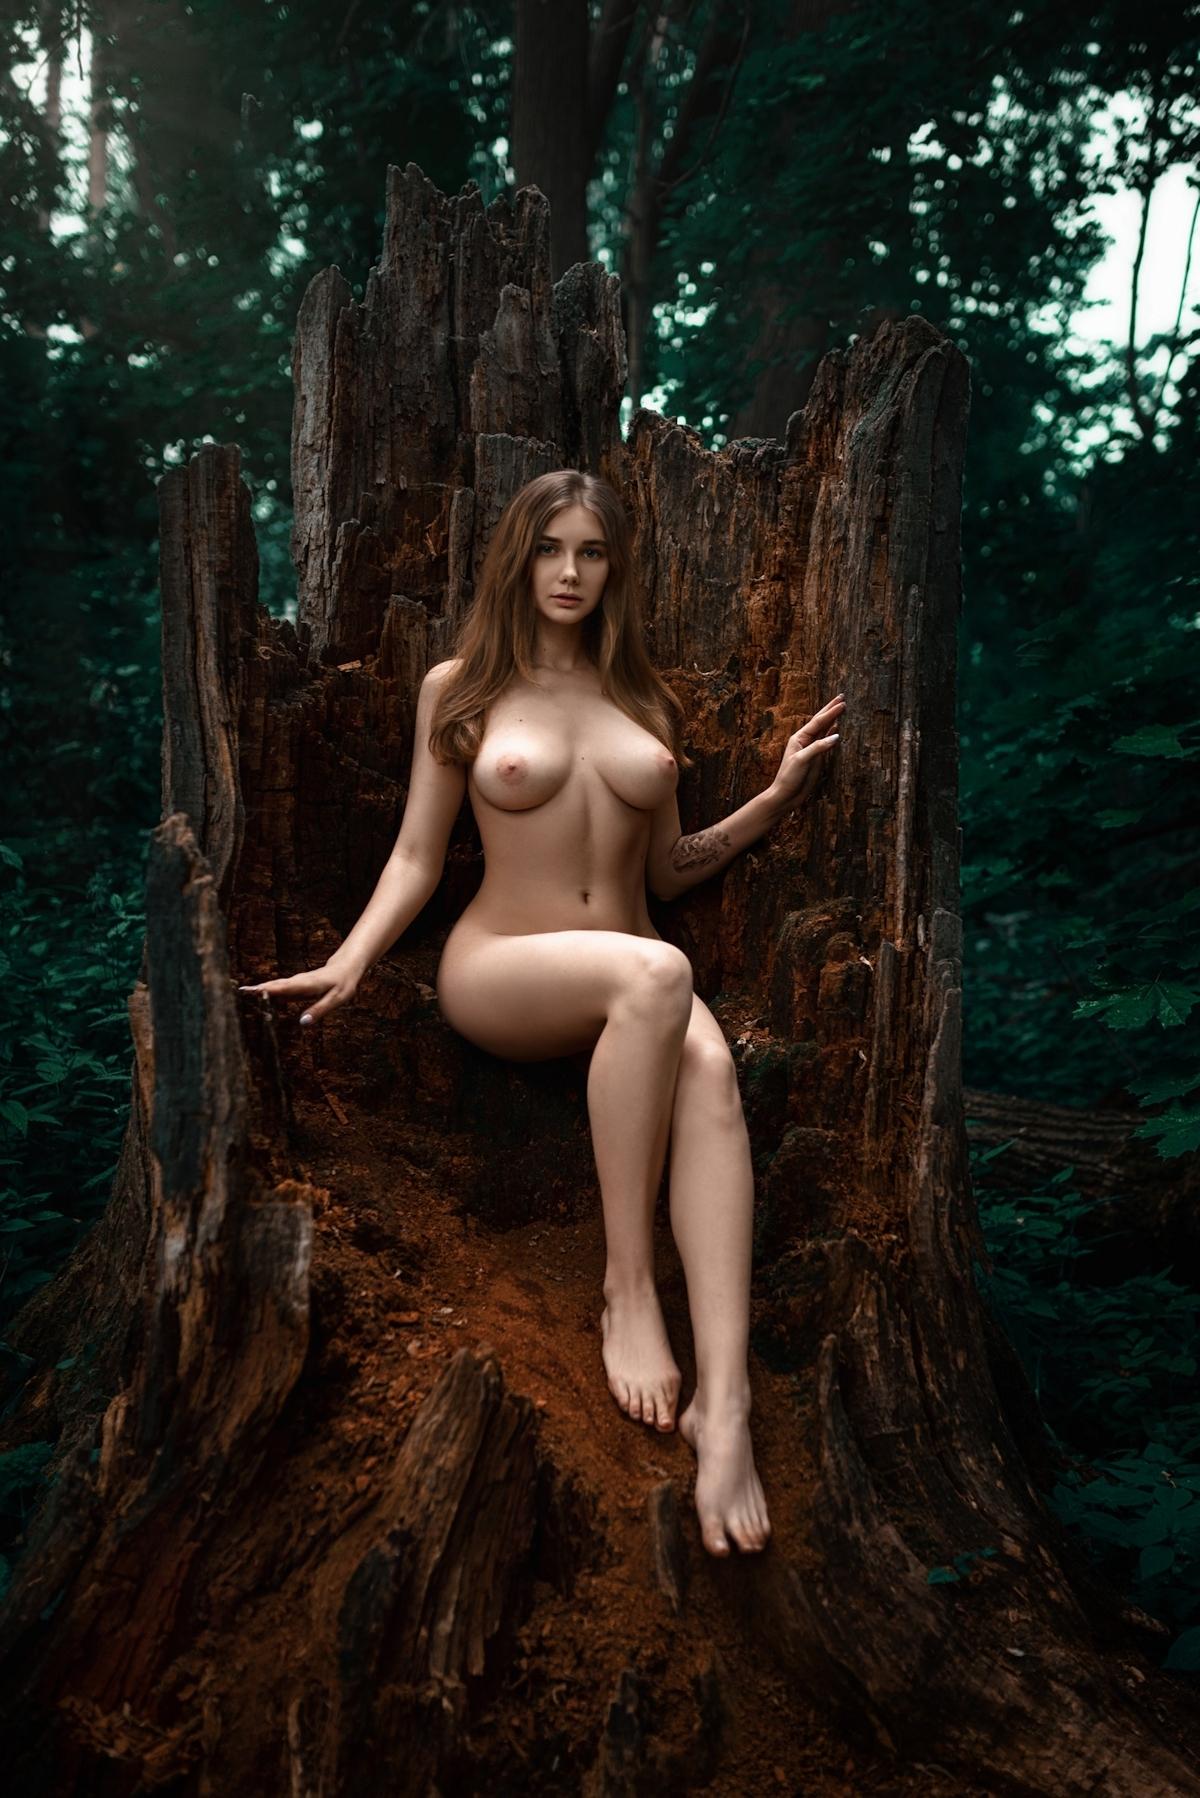 ロシア巨乳美女モデル Natali Tihomirova ヌード画像 7